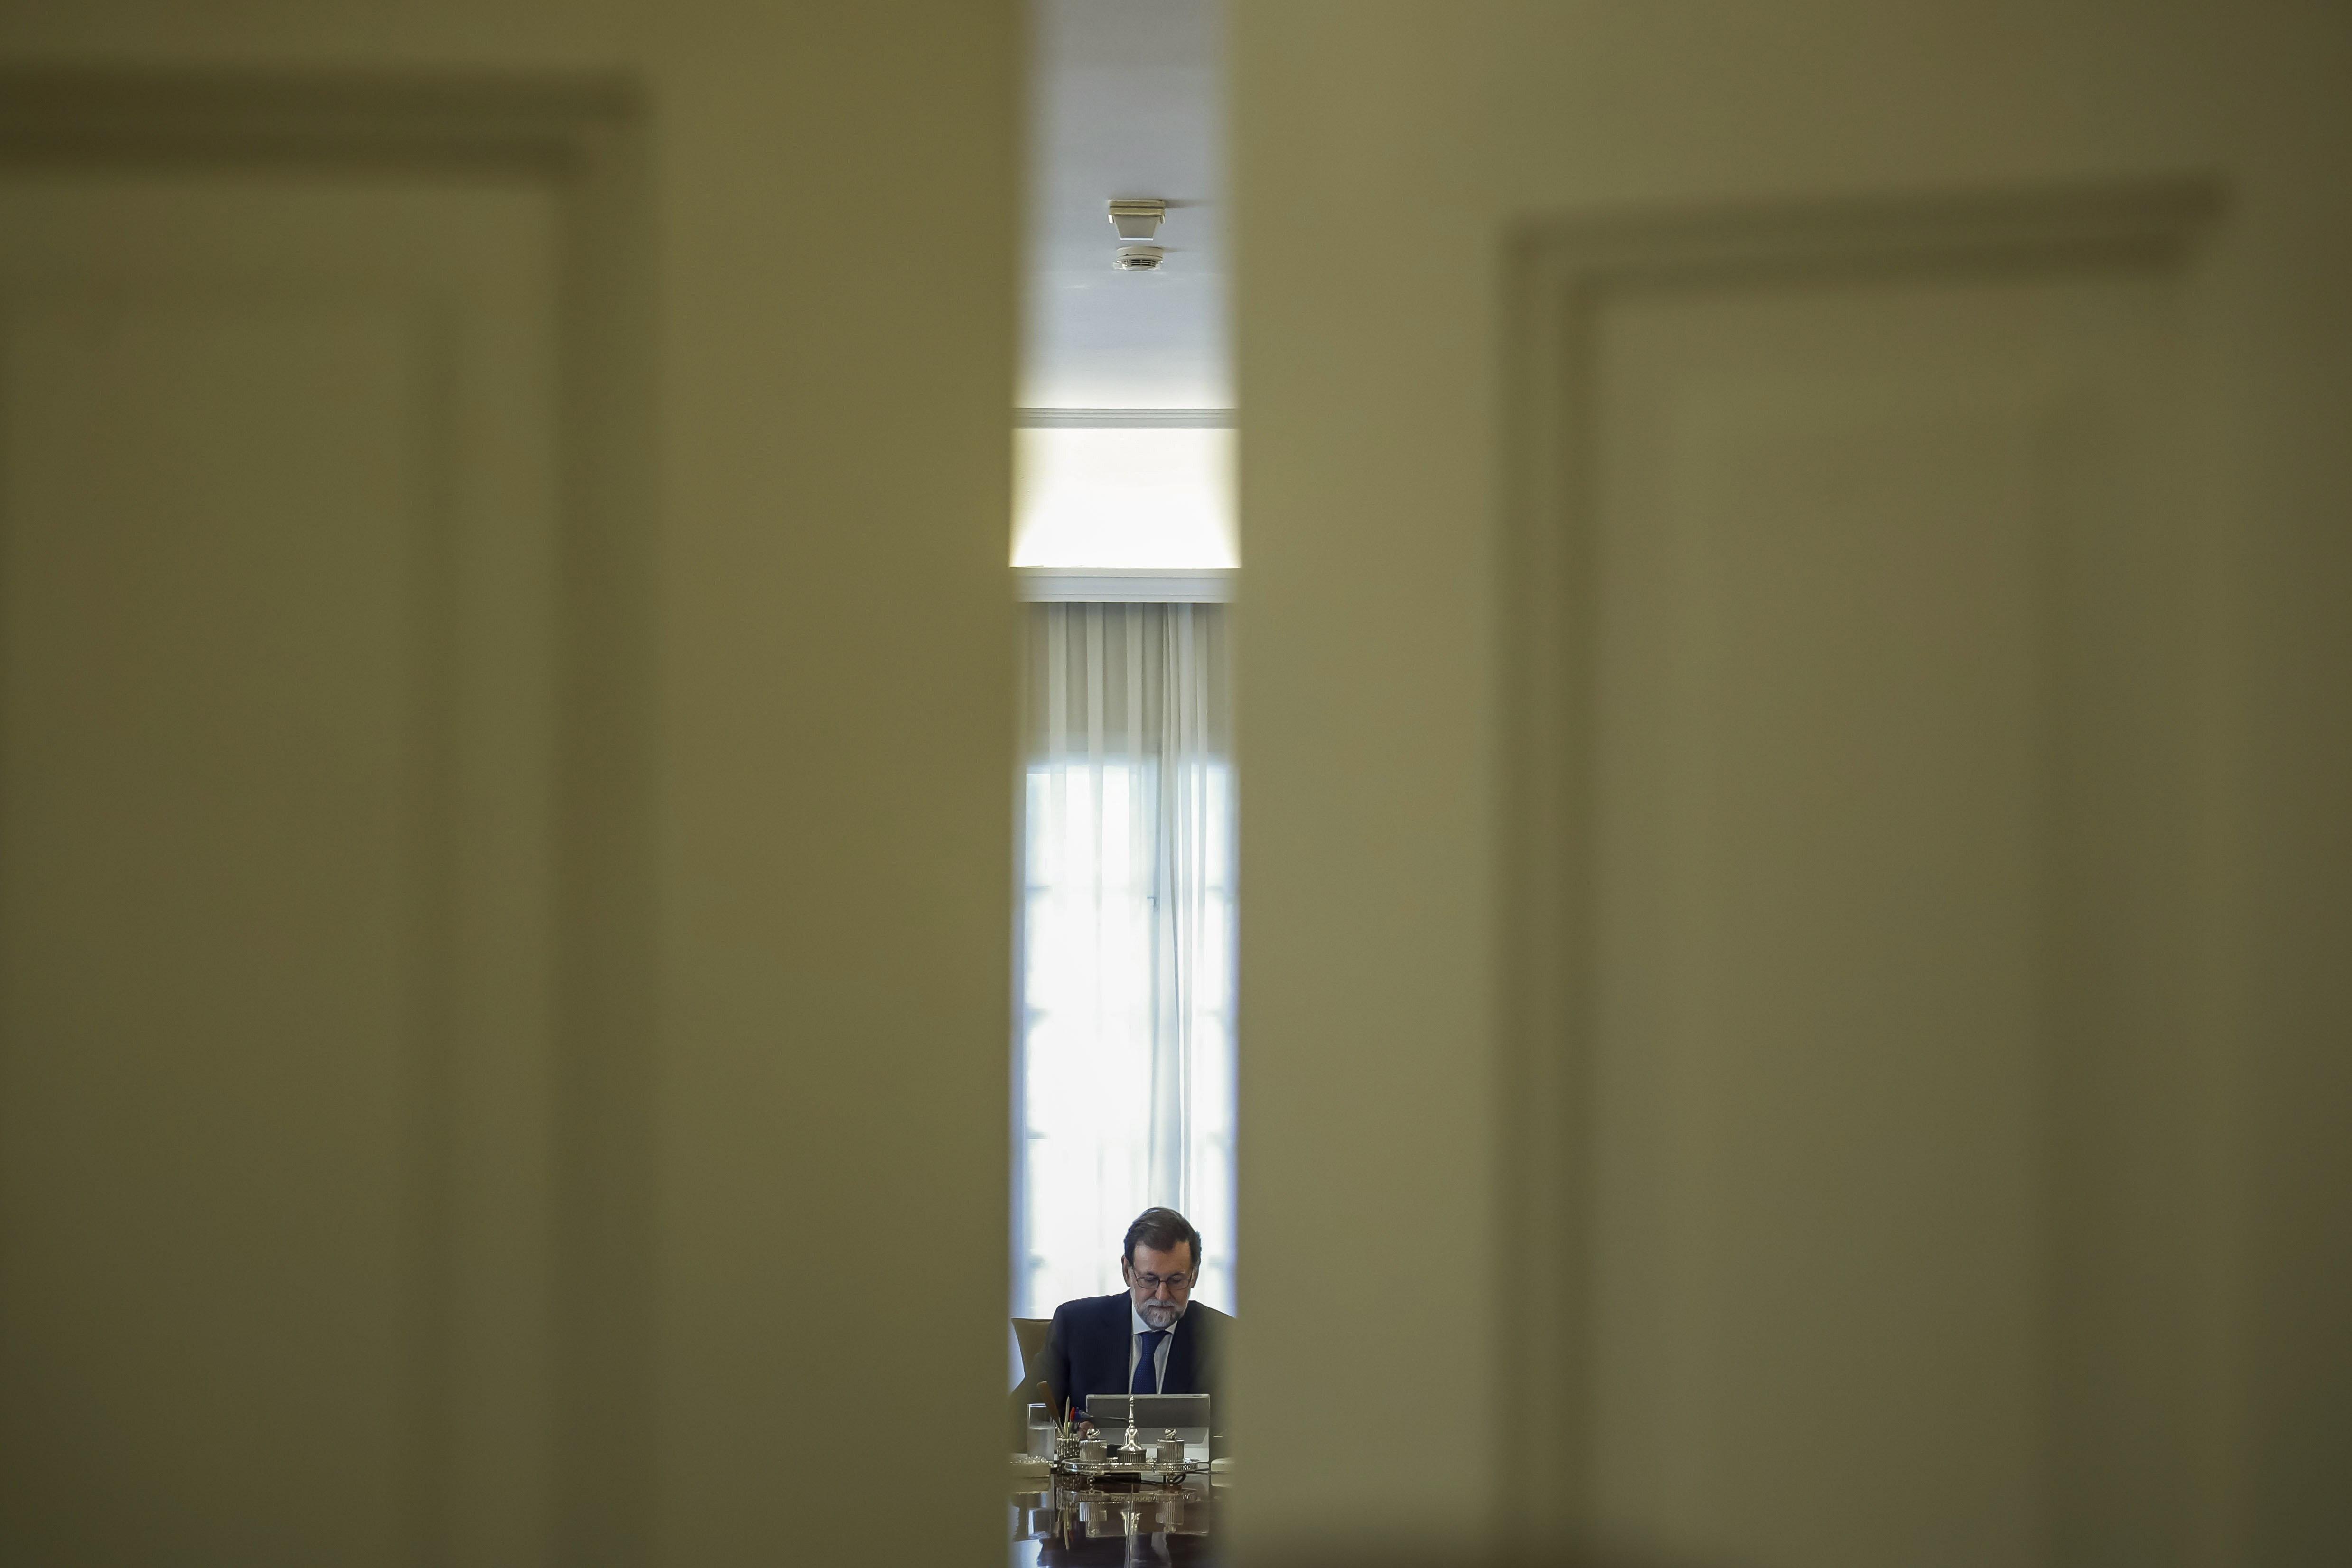 El president del Govern, Mariano Rajoy, durant la reunió extraordinària del Consell de Ministres celebrada en el Palau de la Moncloa. /EMILIO NARANJO